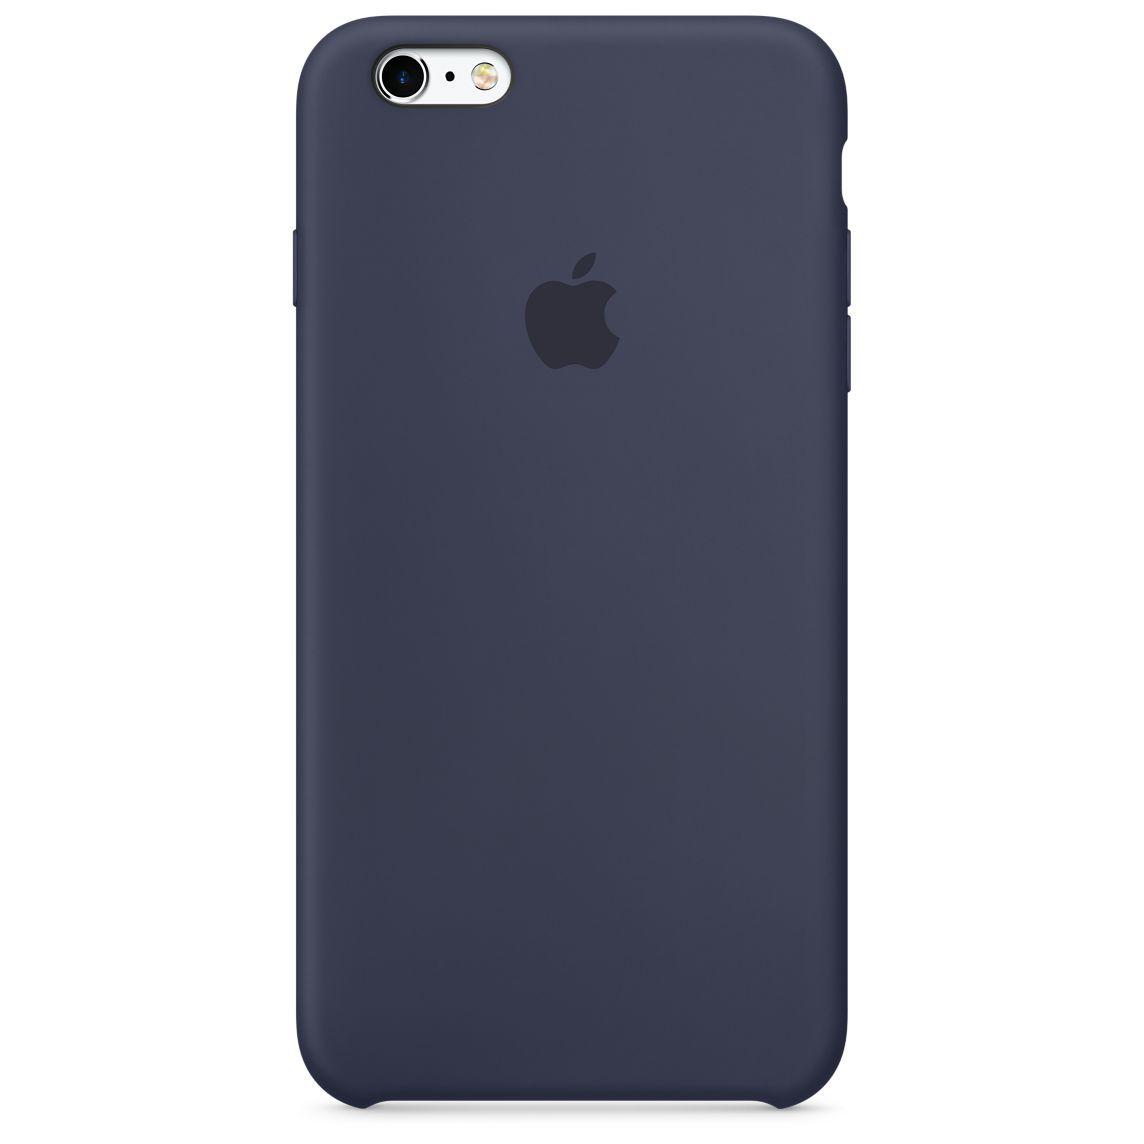 iPhone 6 Plus / 6s Plus Silicone Case Midnight Blue